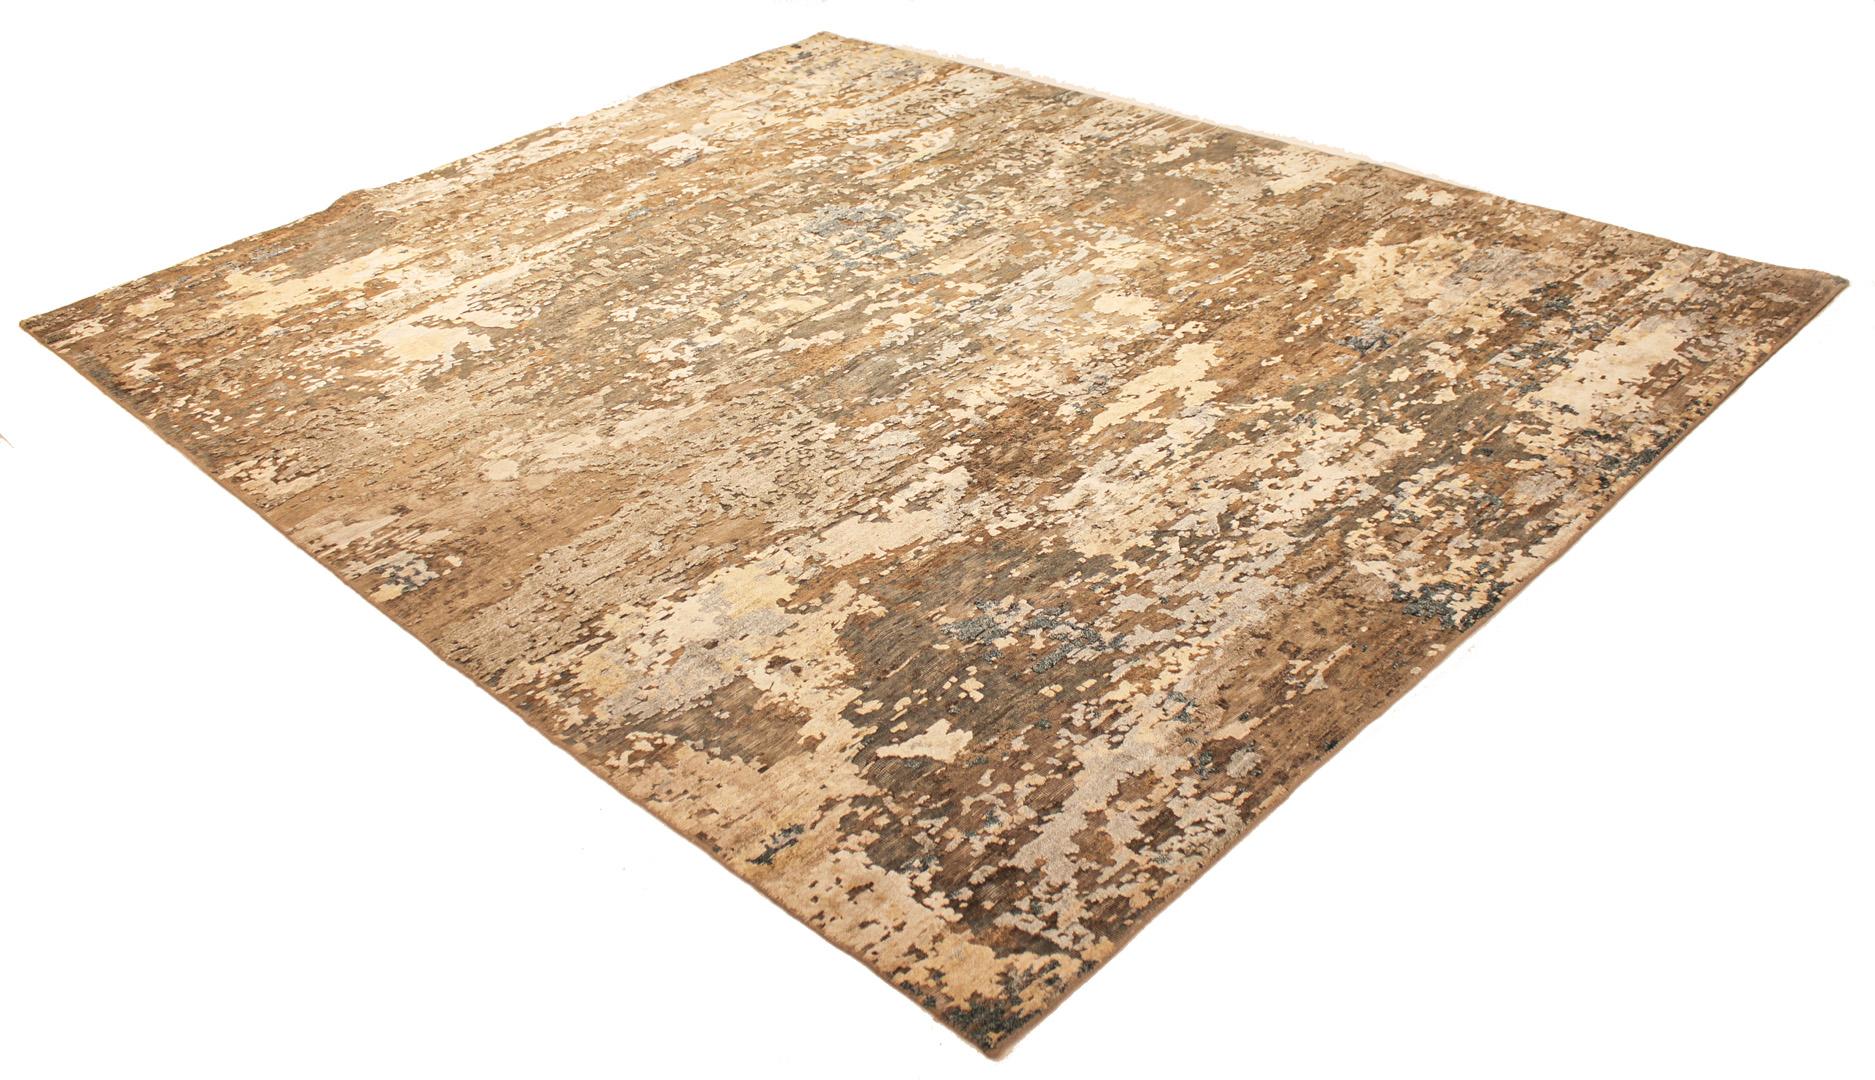 Teppich Erase Oxidized 250x300 Einzelstück